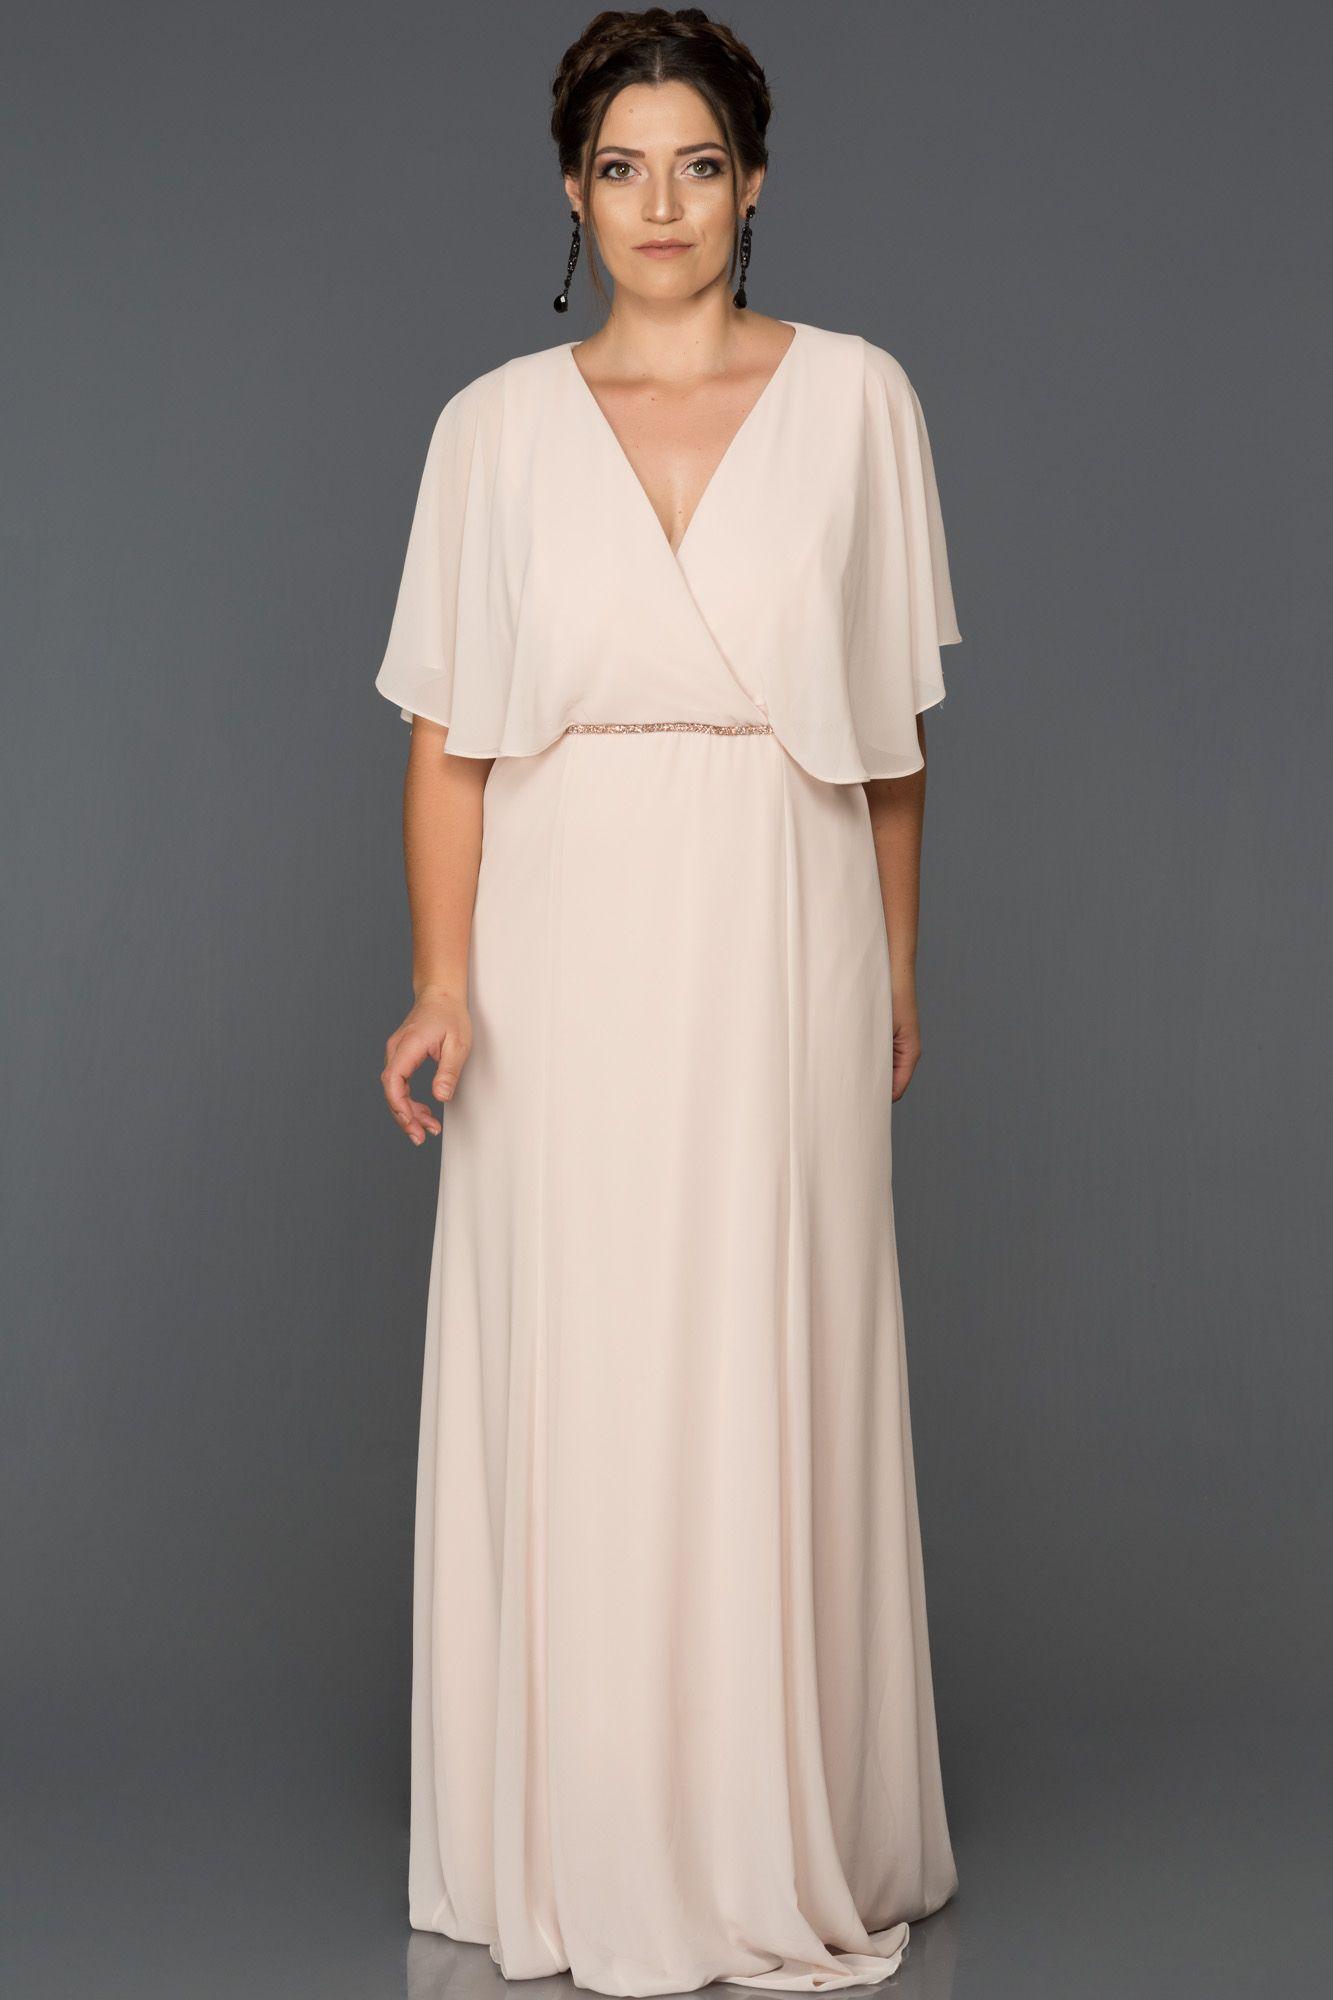 V Yaka Büyük Beden Abiye AB4369 #dressesforengagementparty